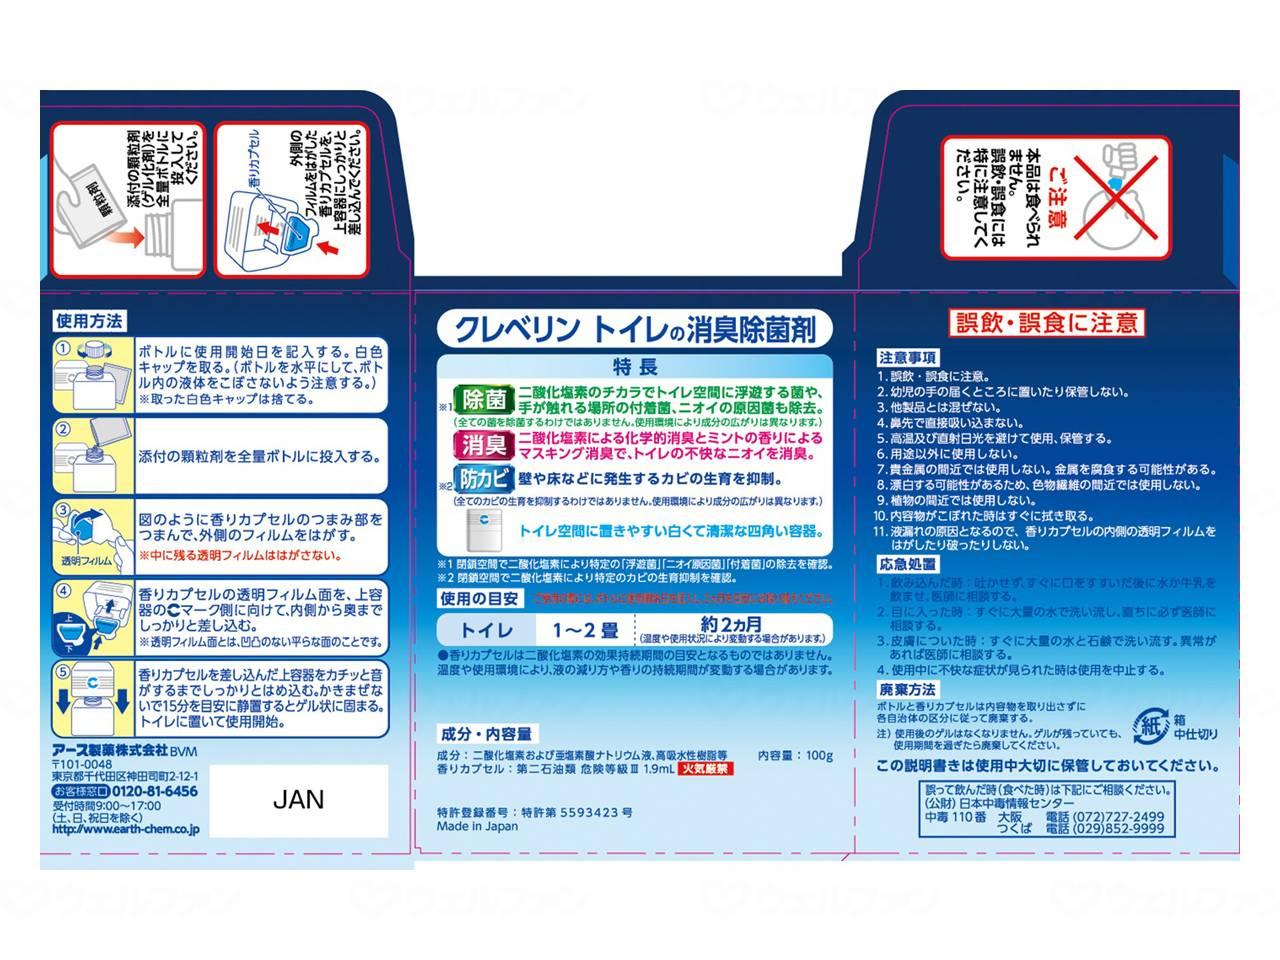 クレベリントイレの消臭除菌剤【ケース販売】の画像